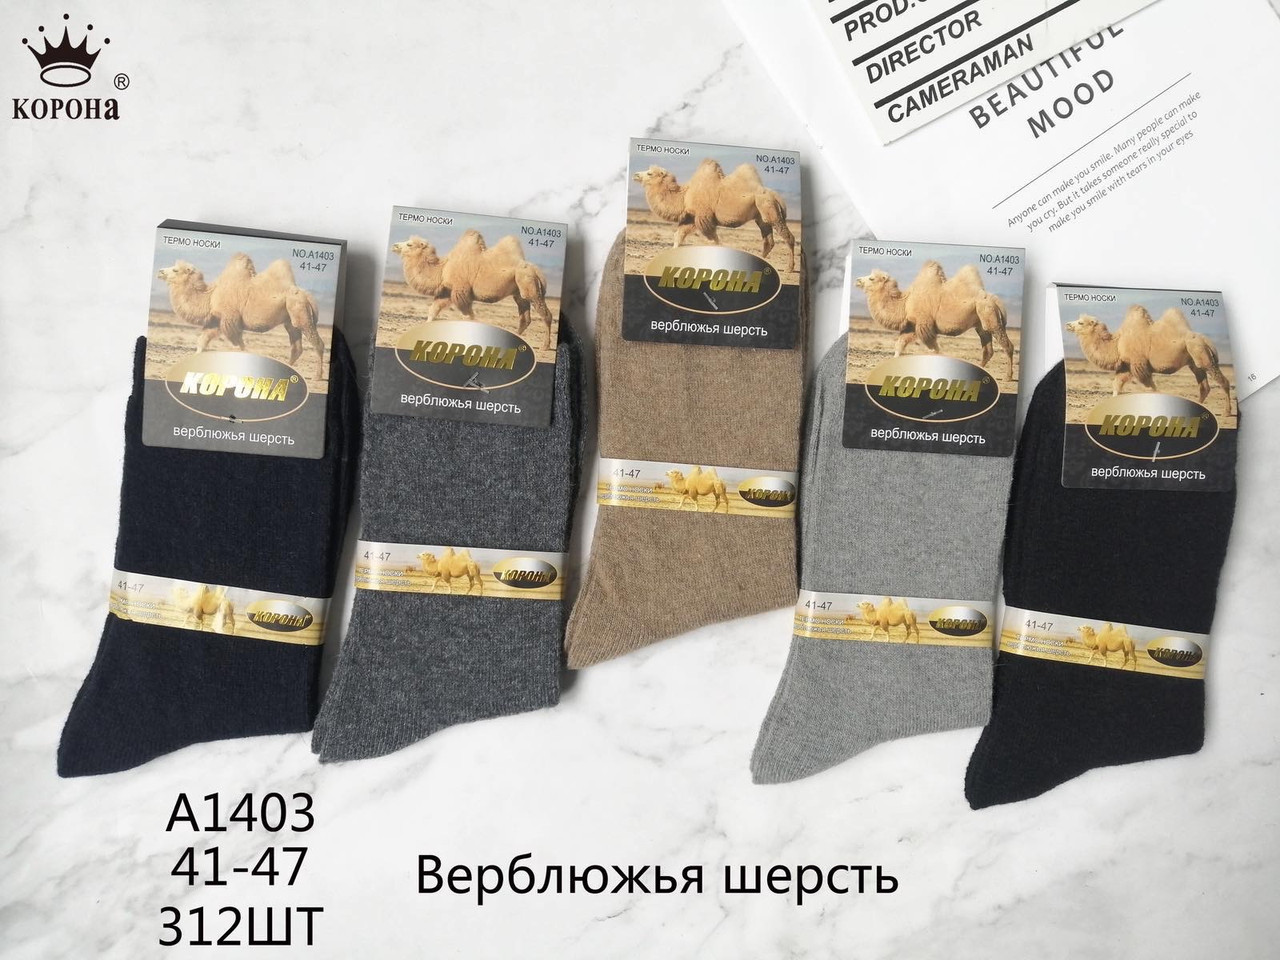 Носок 41-45 зима шерсть корона